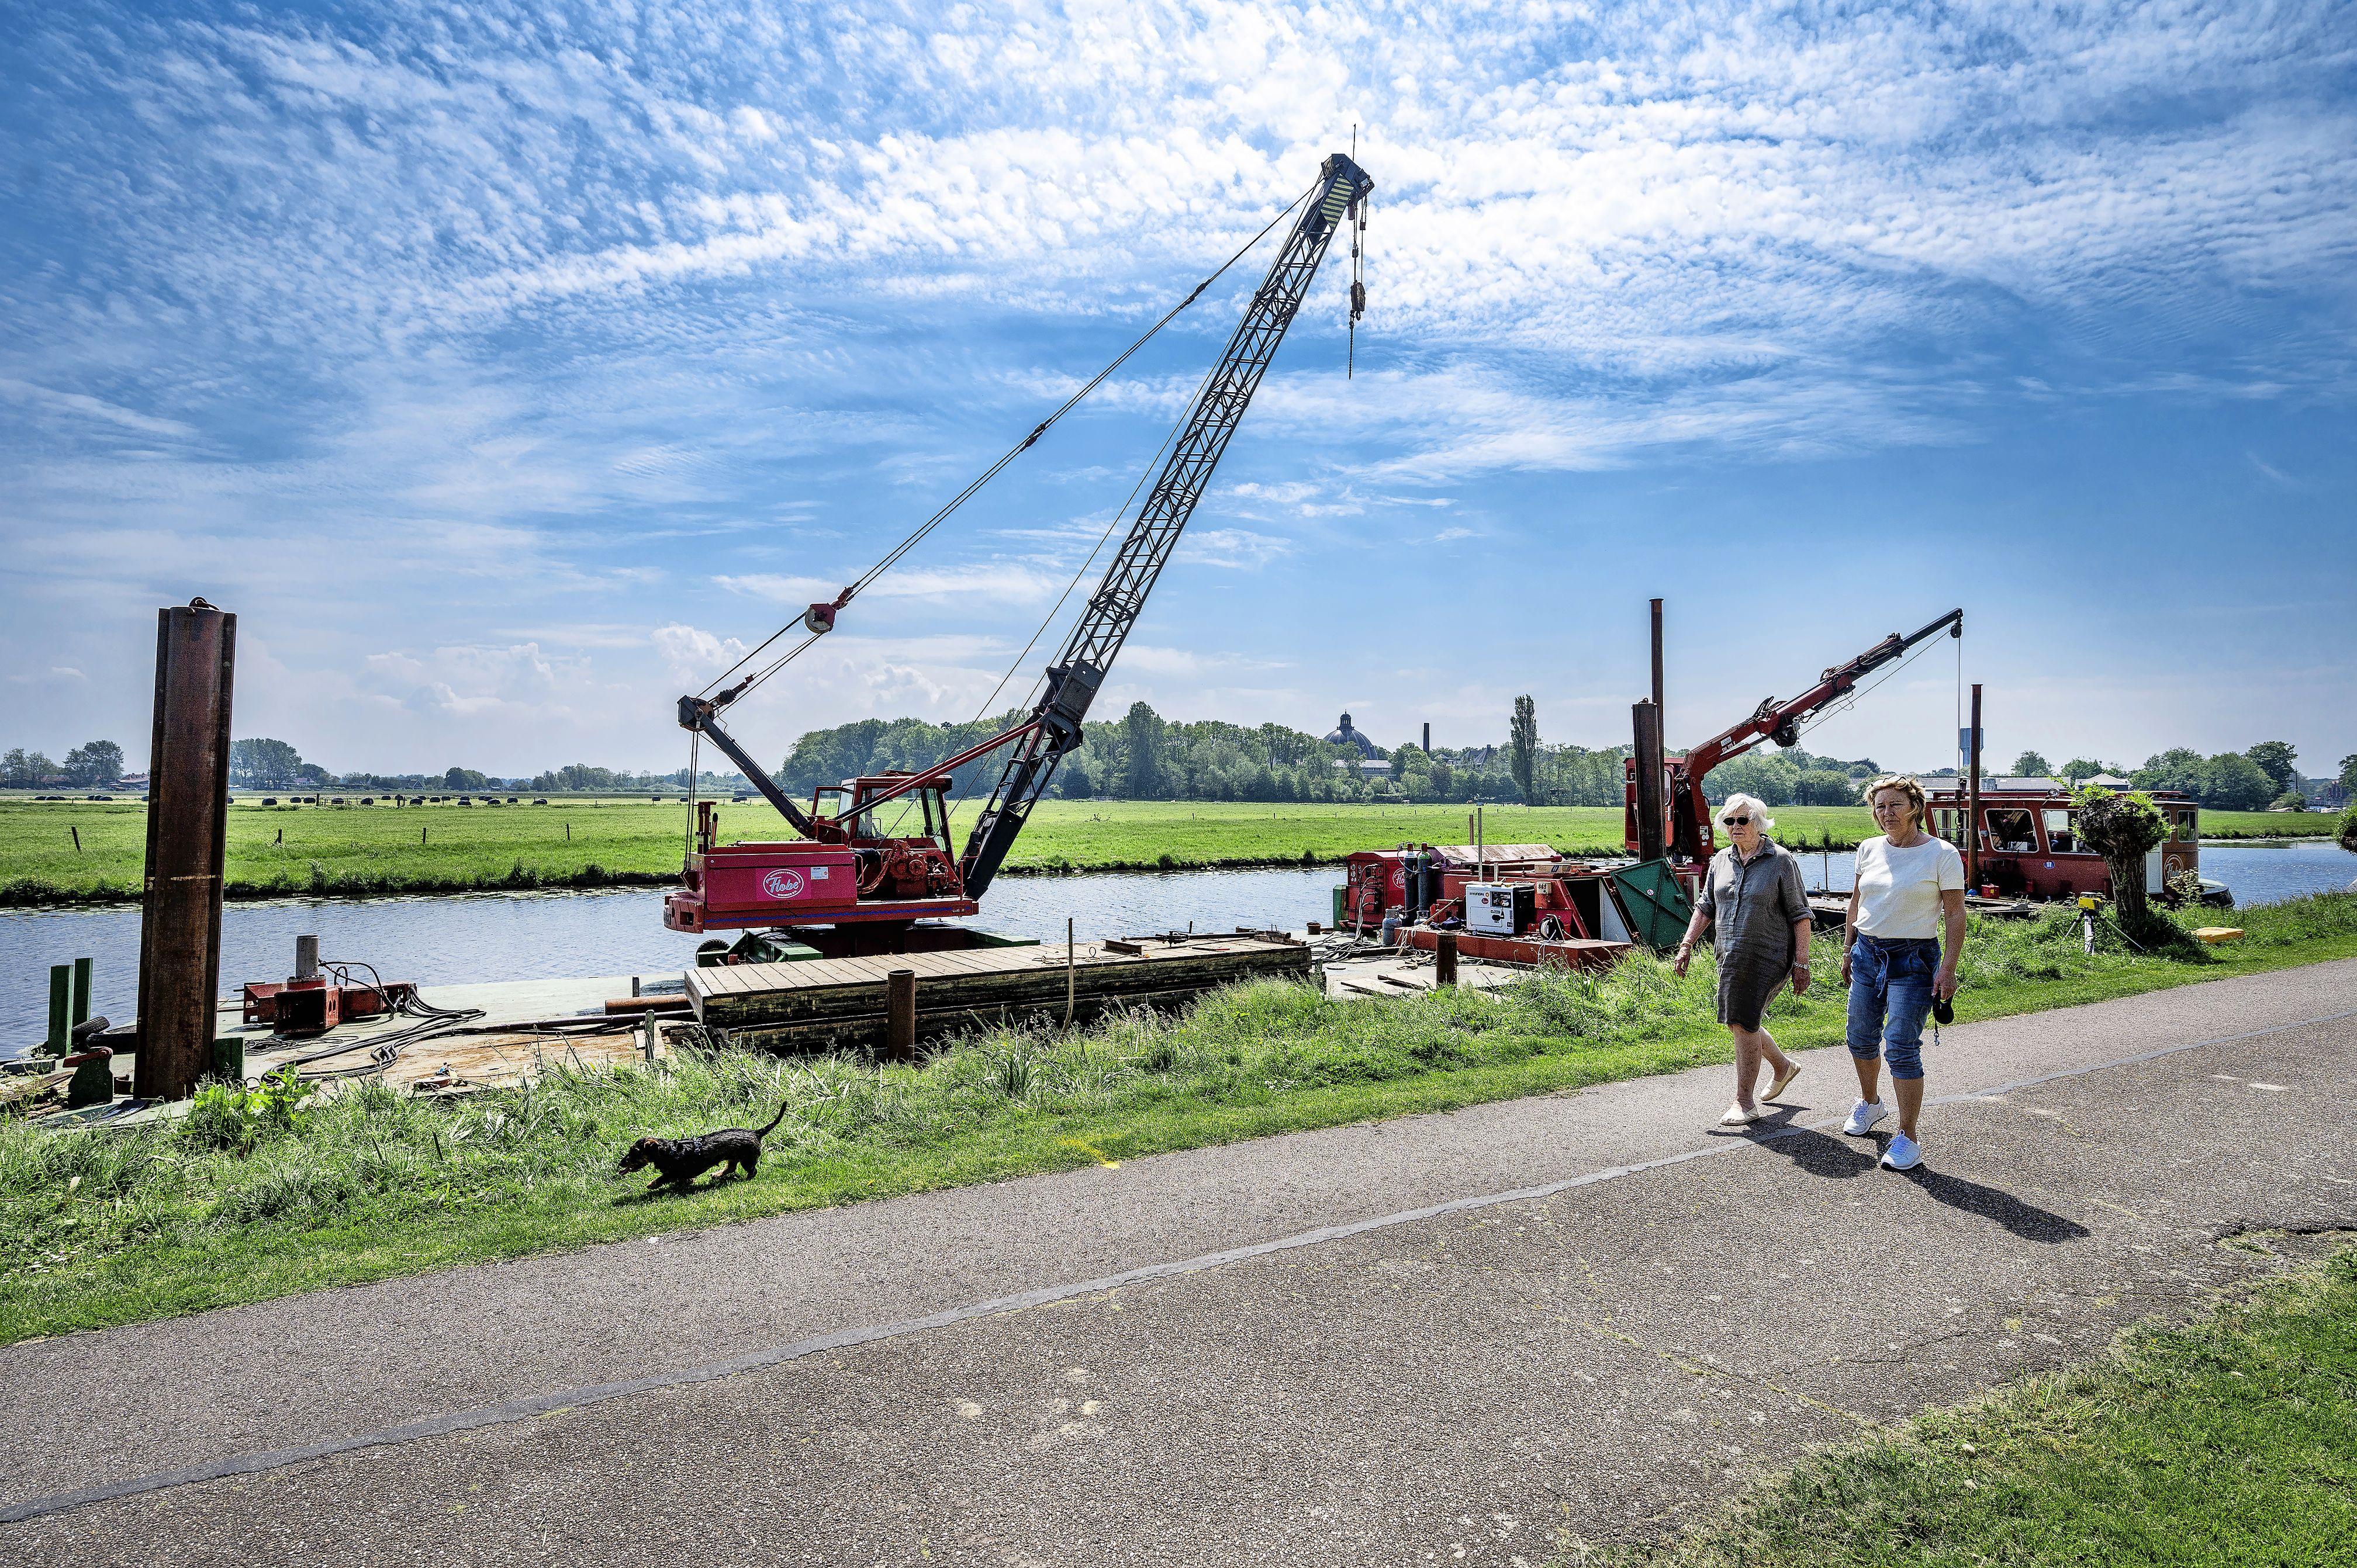 Heemstedenaren boos om nieuwe ligplaats voor schip De Olifant: 'Precies in ons gezichtsveld'